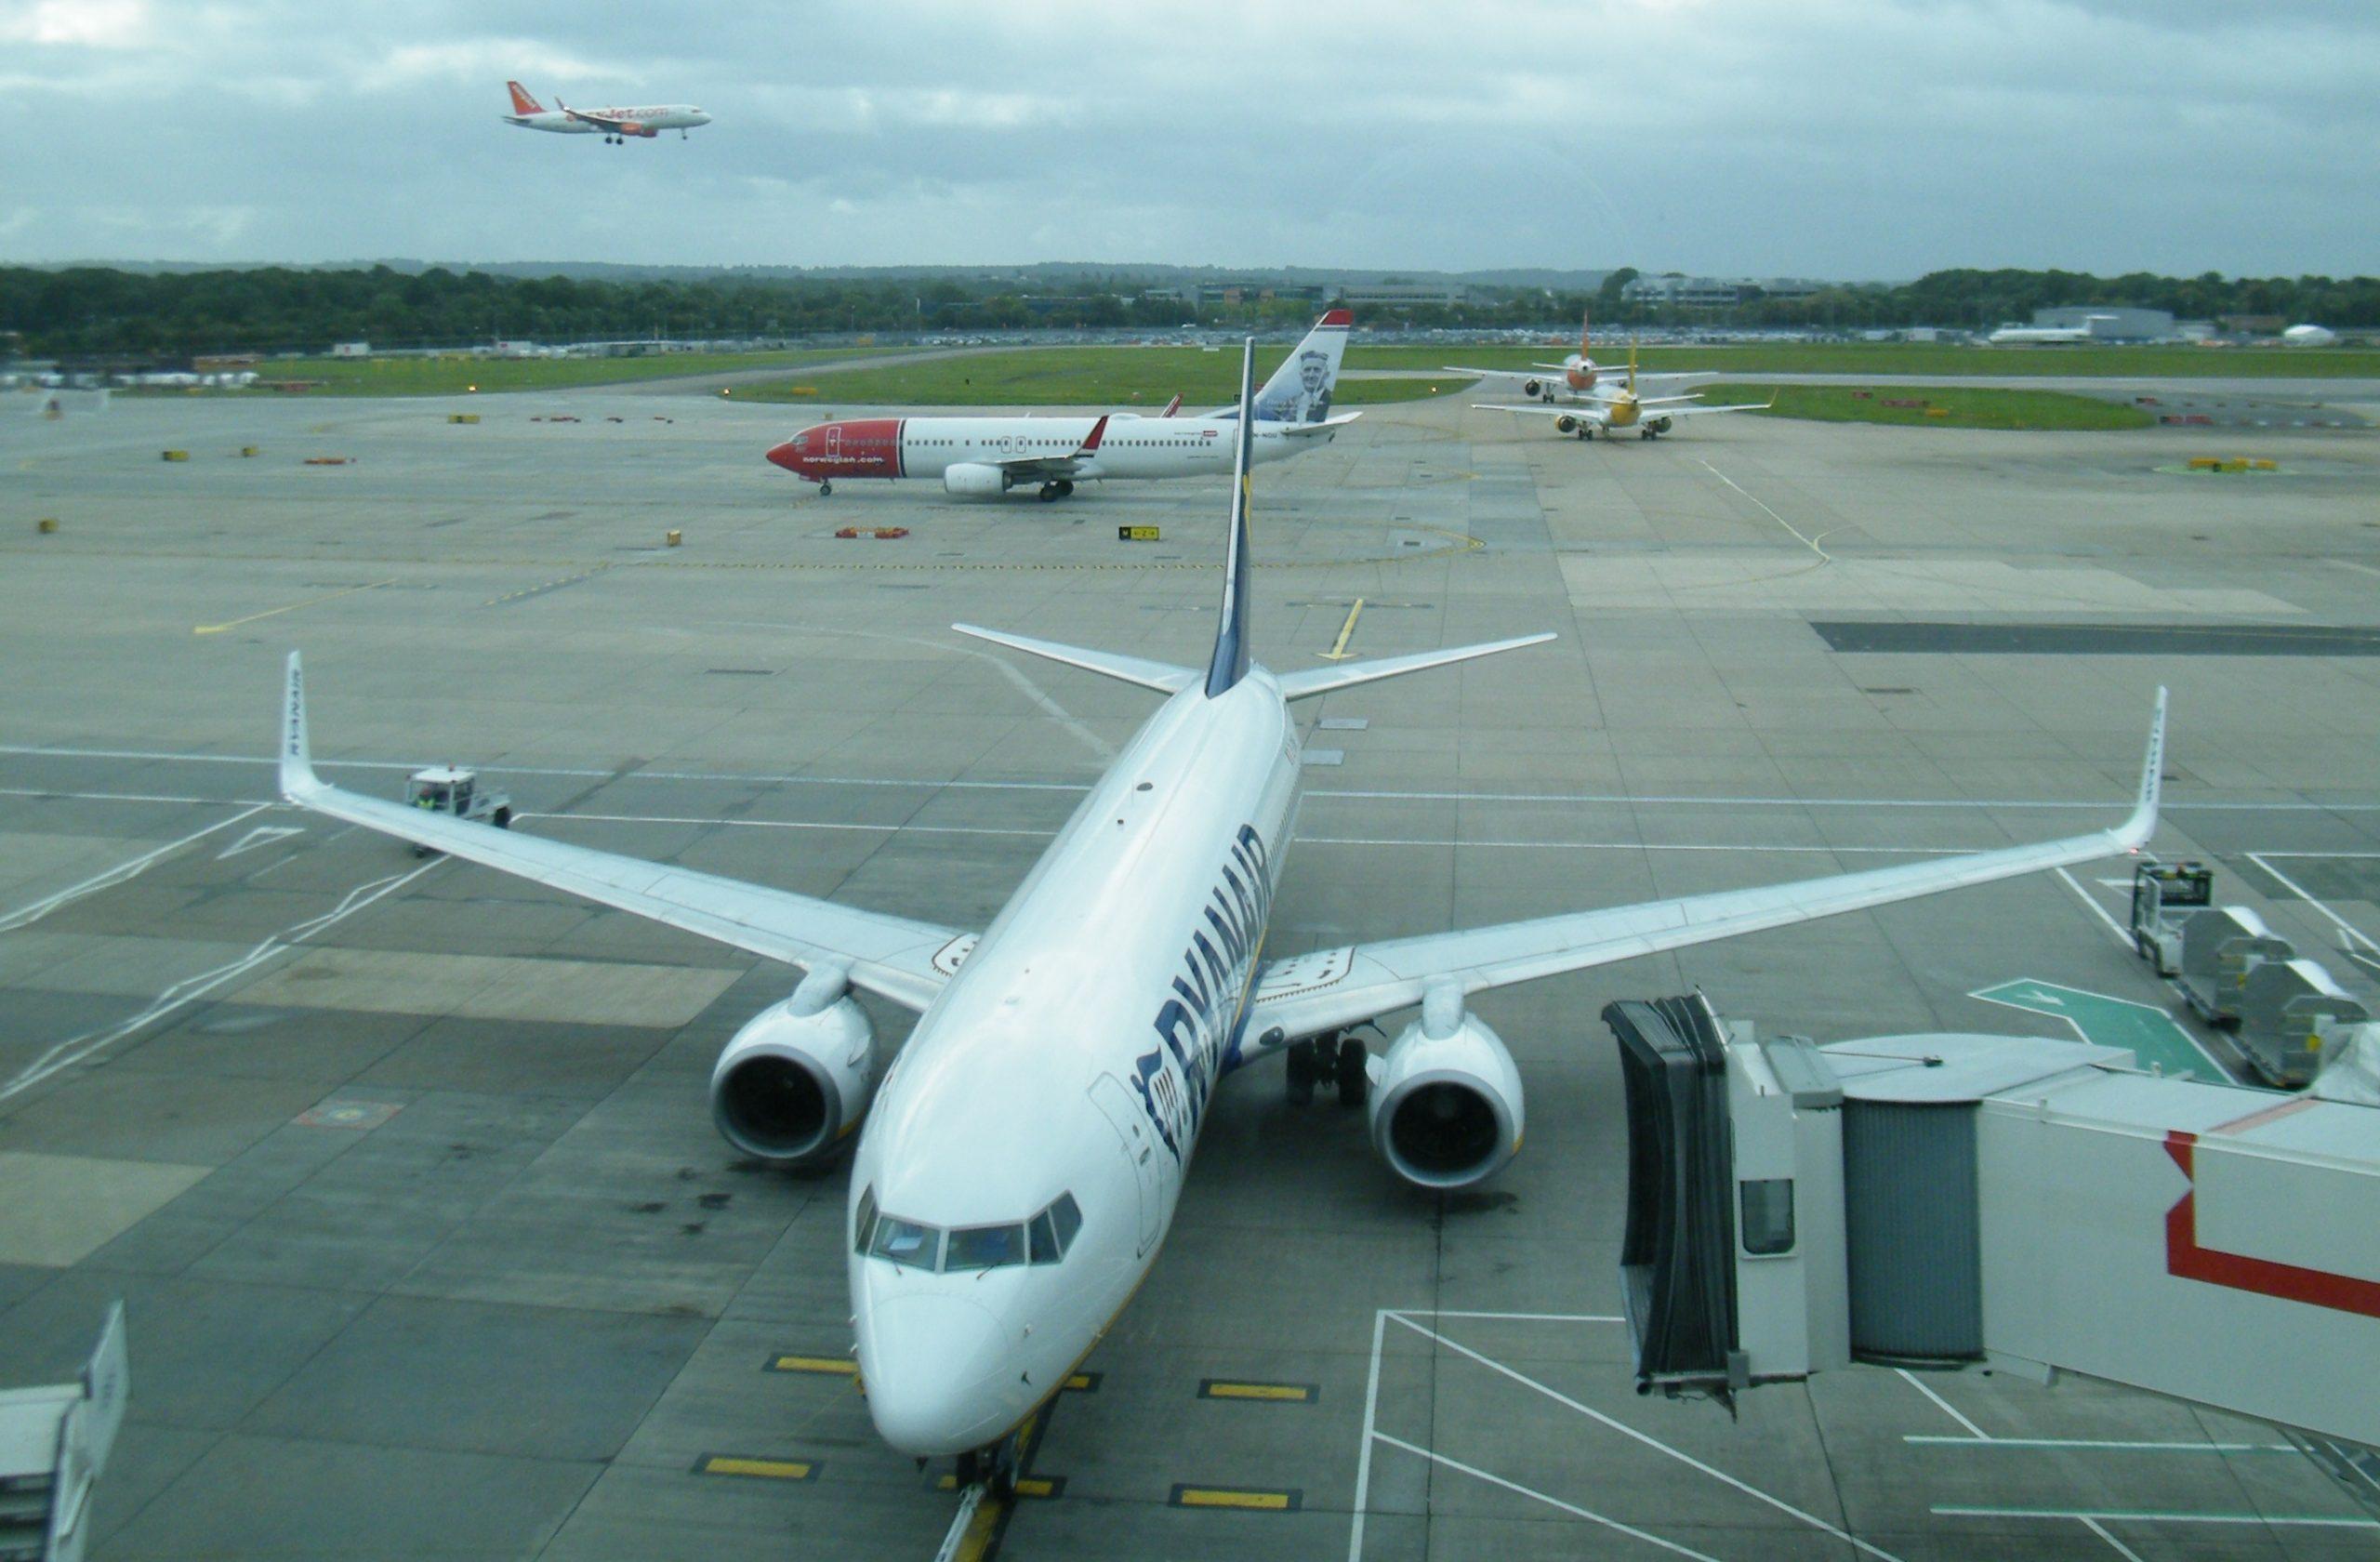 Ryanair i London Gatwick-lufthavnen med to af sine konkurrenter i baggrunden, Norwegian og Easyjet. Arkivfoto: Henrik Baumgarten.